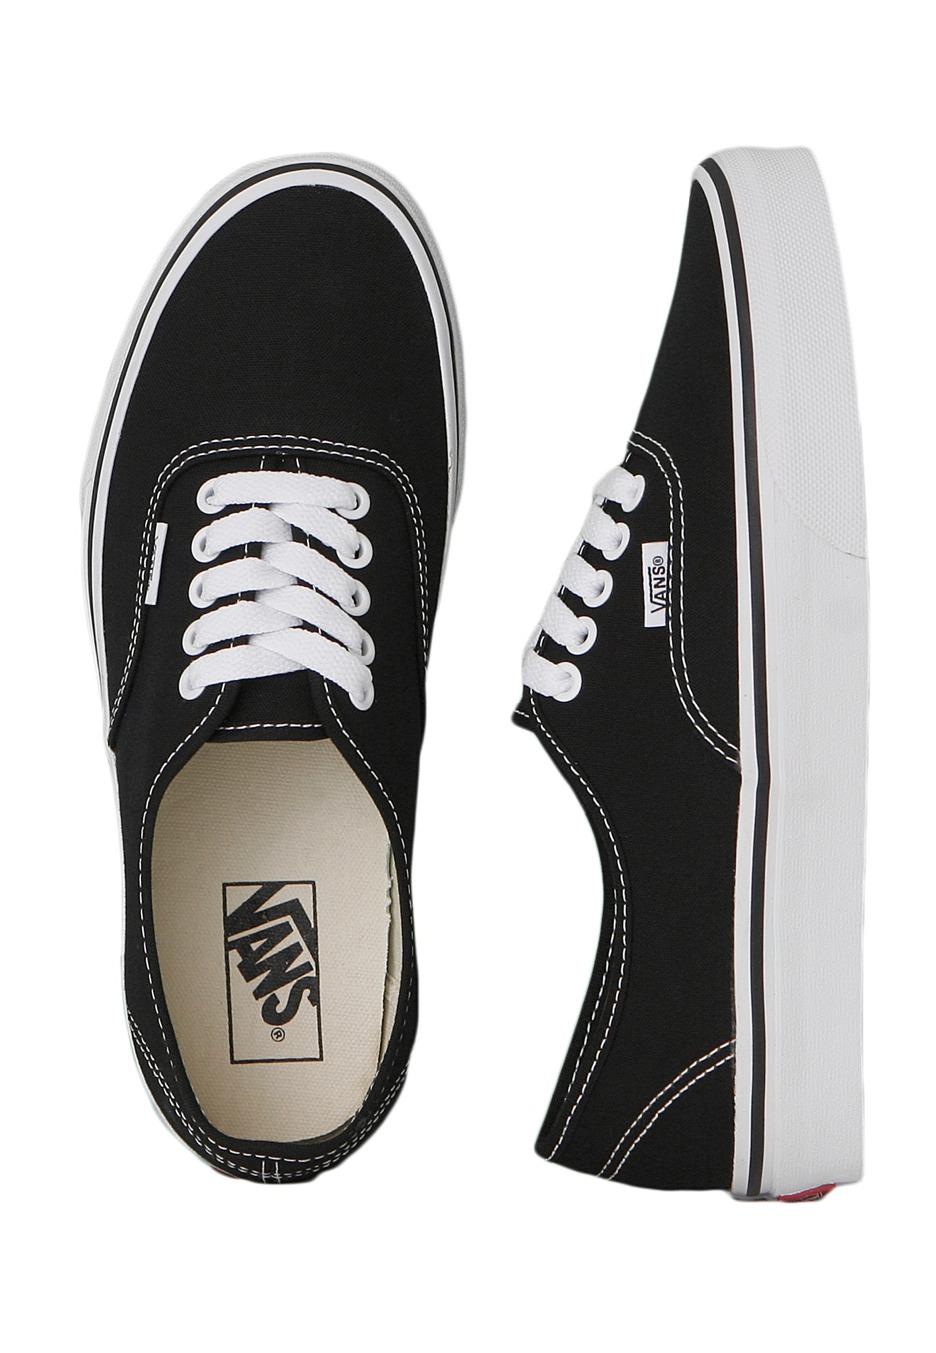 374053b6a693e0 Vans - Authentic - Girl Shoes - Impericon.com UK